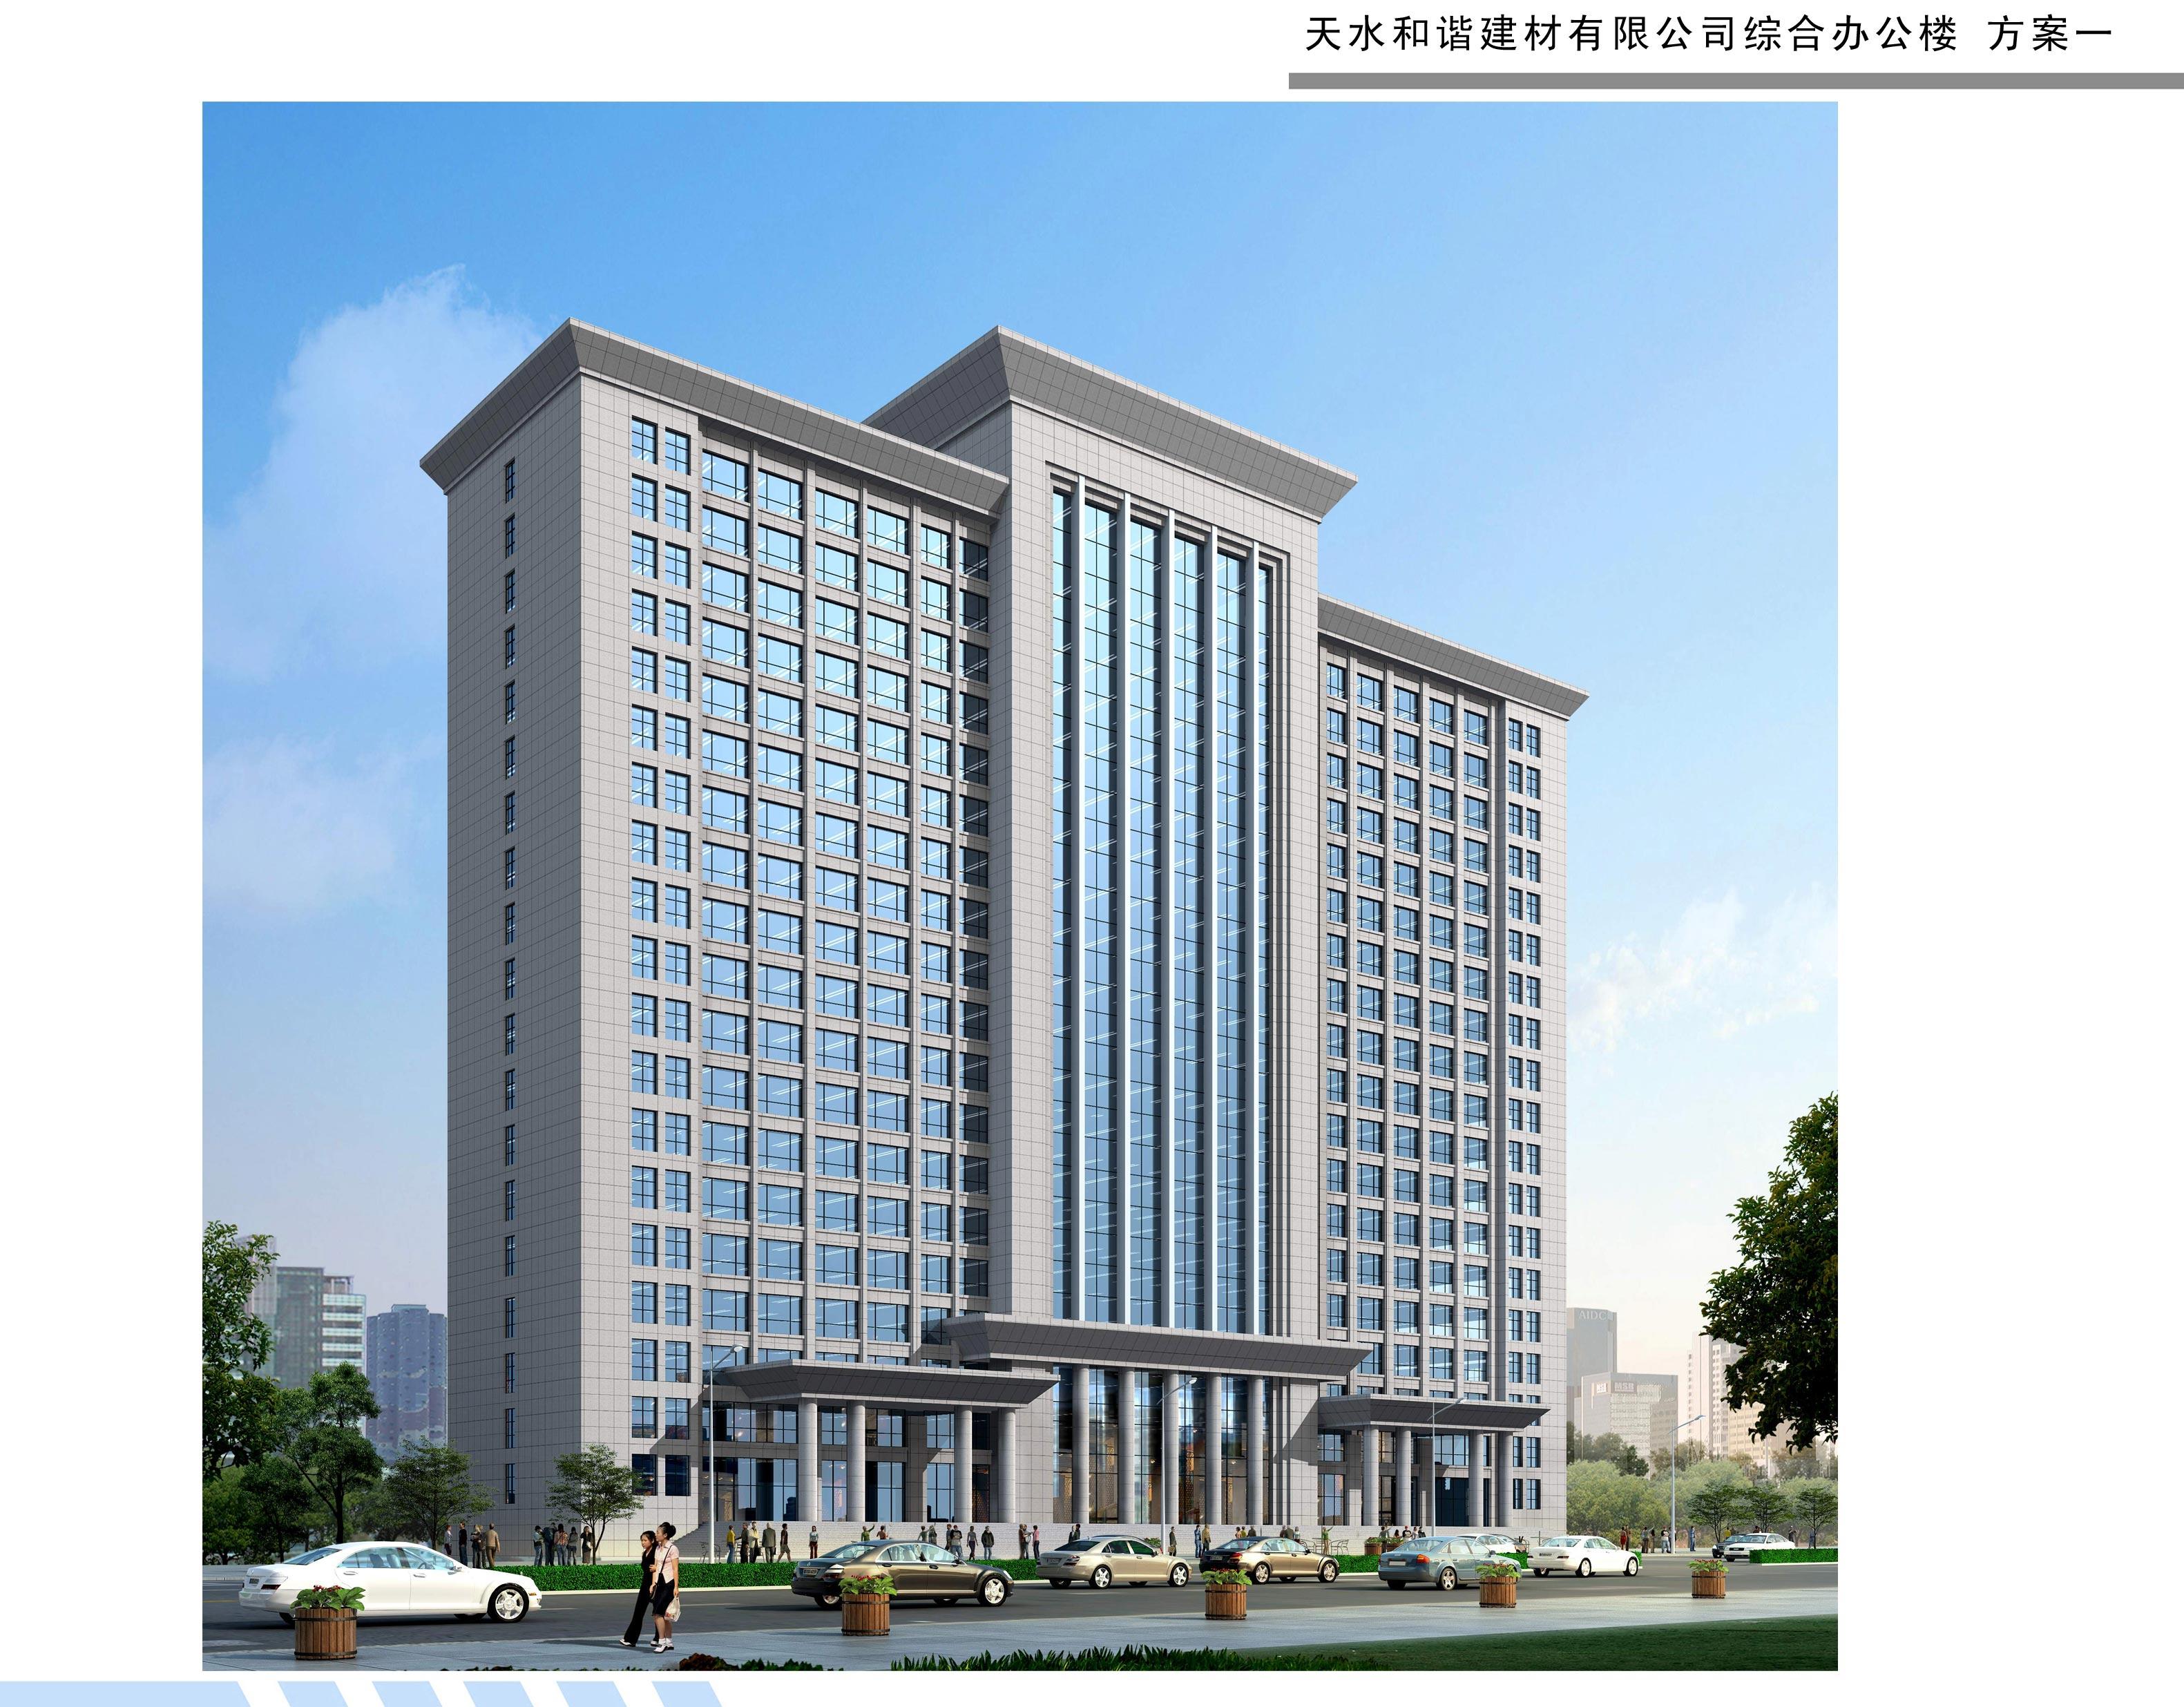 黑白直播nba和谐建材有限公司综合办公楼